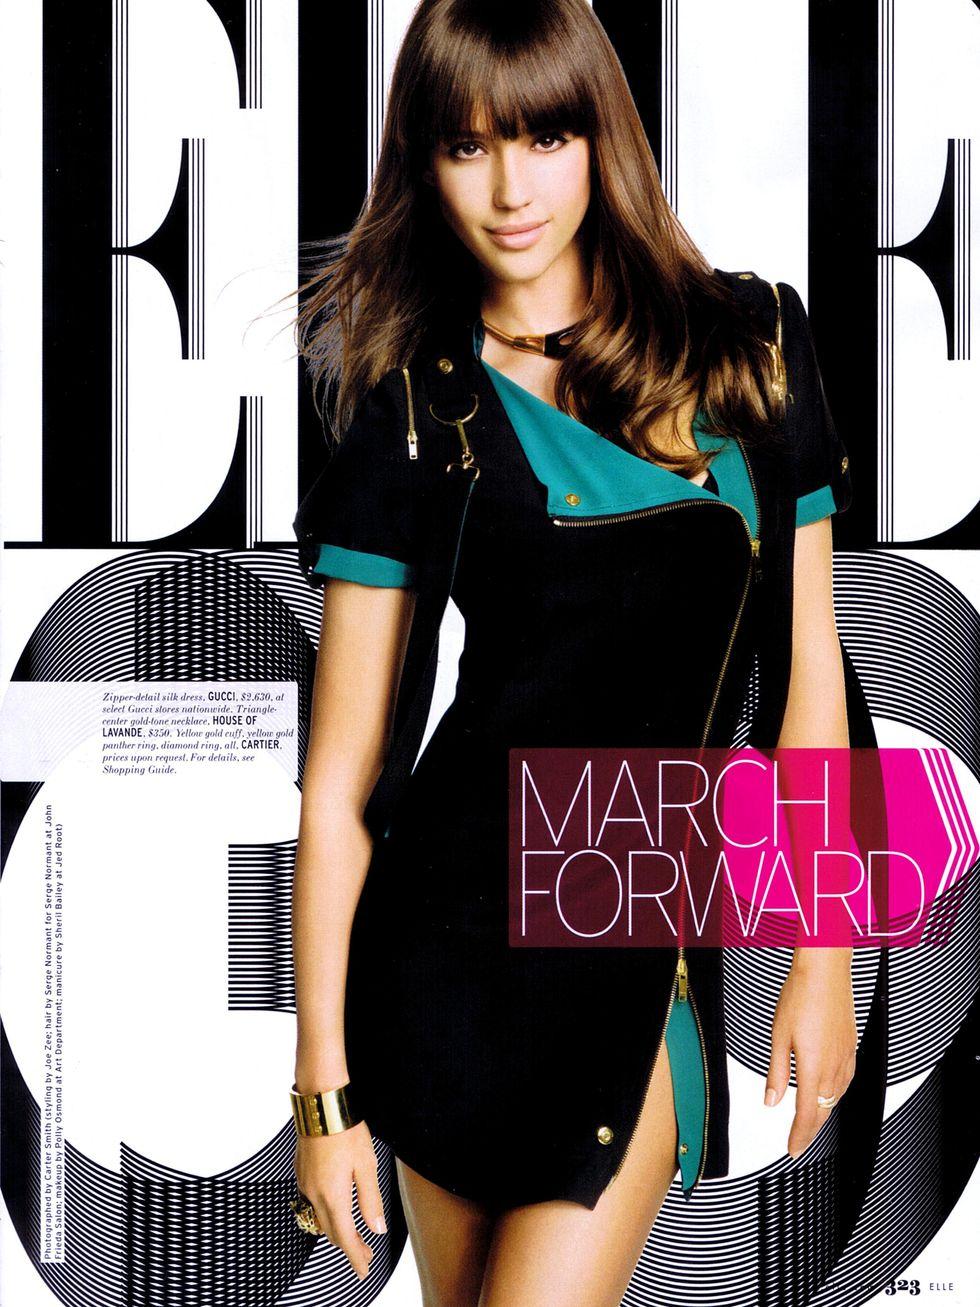 jessica-alba-elle-magazine-march-2009-01